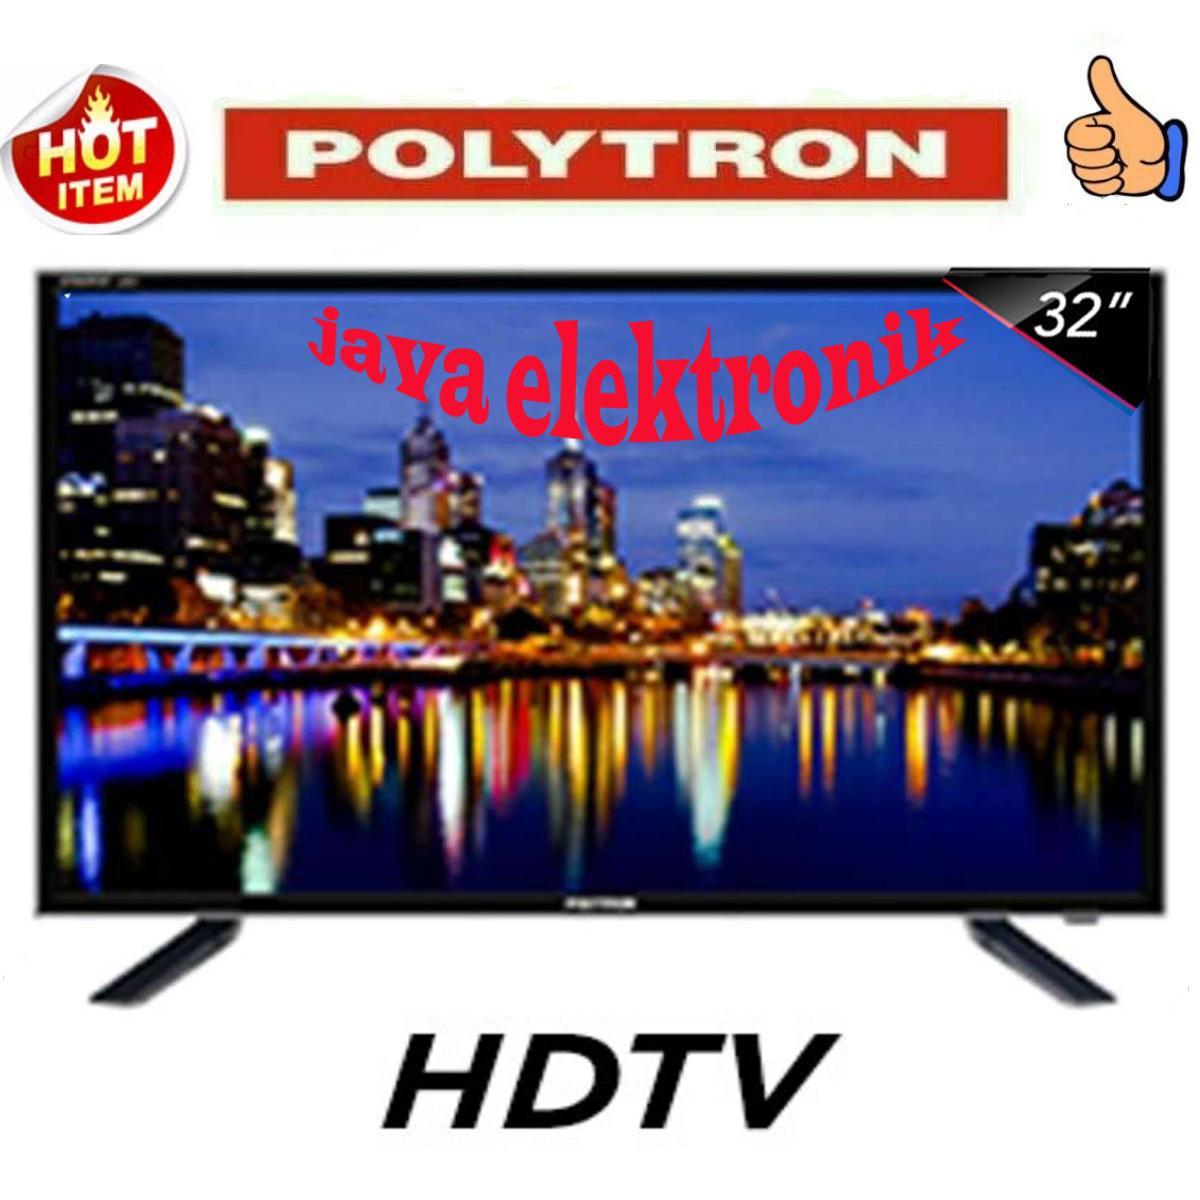 Polytron Pld32t100tv Led Tv 32inch Hitam Spec Dan Daftar Harga Sharp 24 Inch Aquos Hd Lc 24170i 32d7511 New 32 Garansi 5 Tahun Resmi